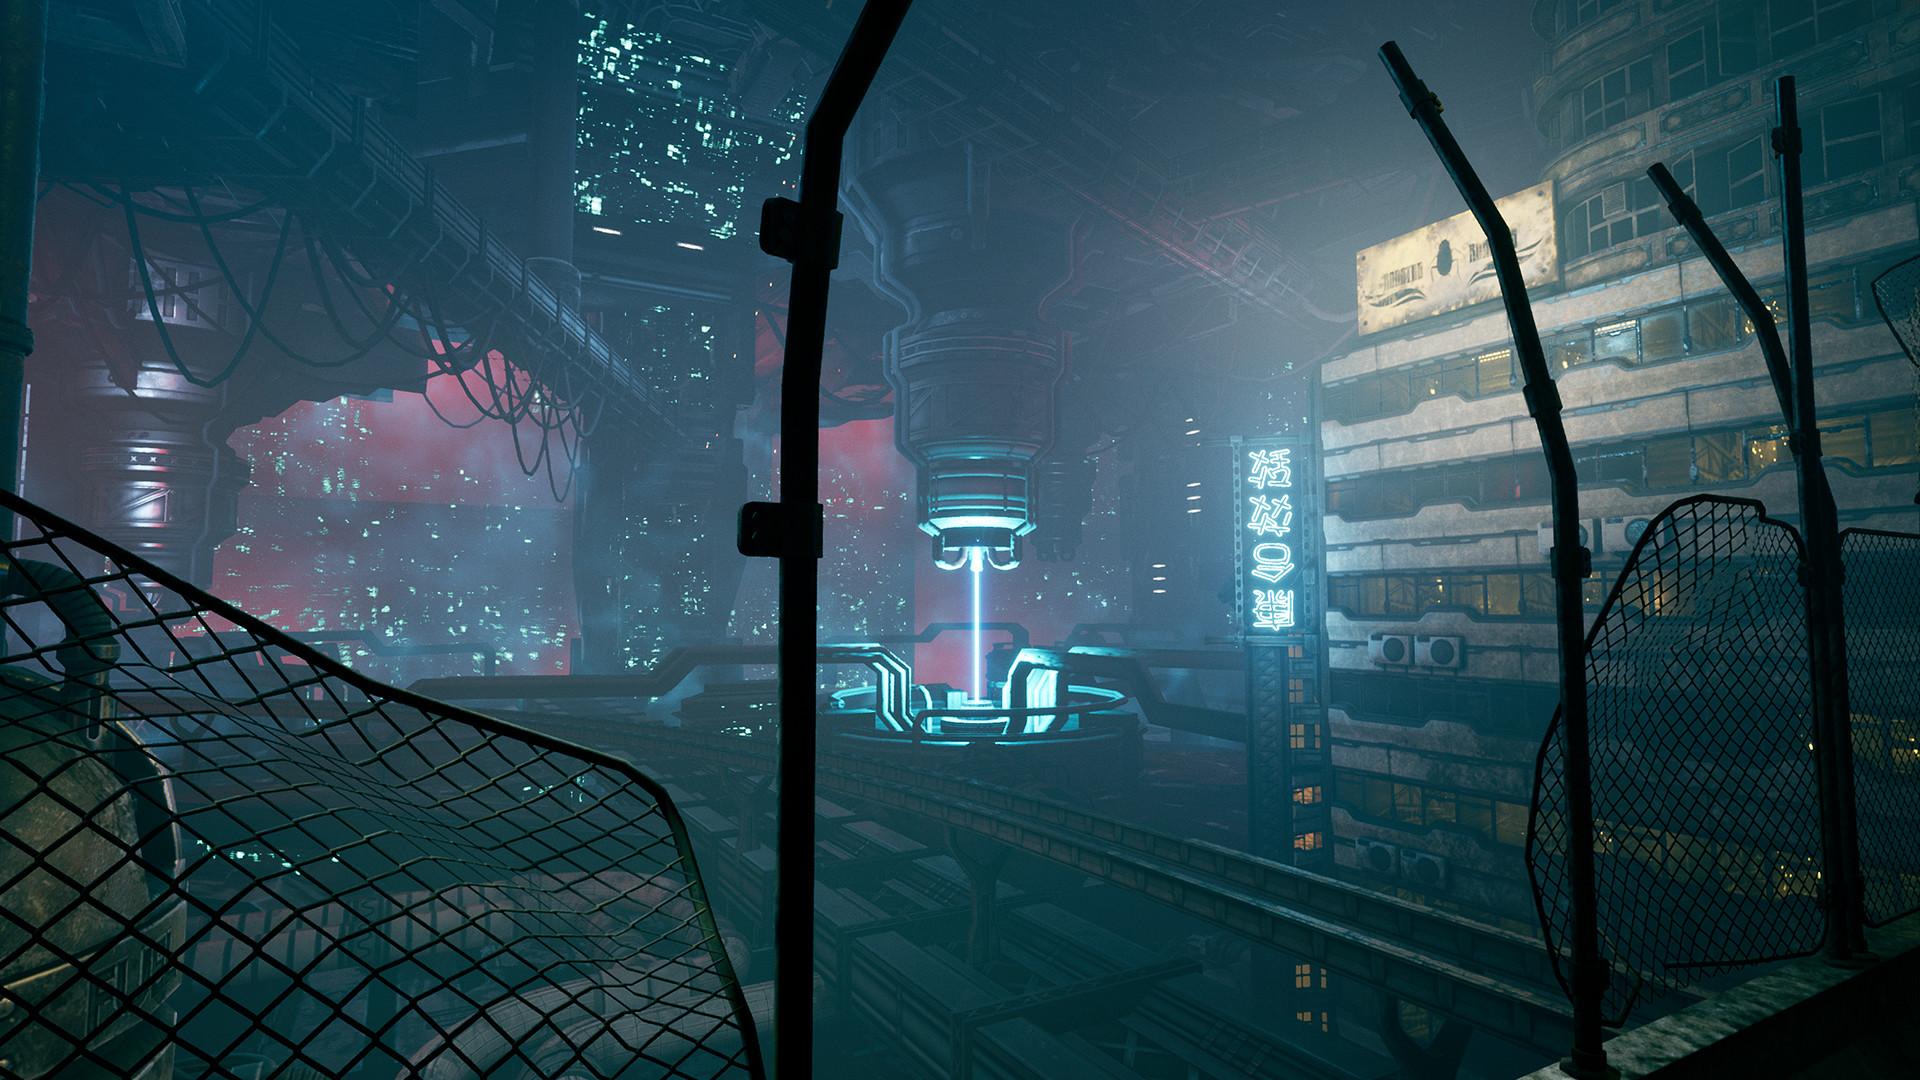 幽灵行者/Ghostrunner(更新硬核模式)插图4